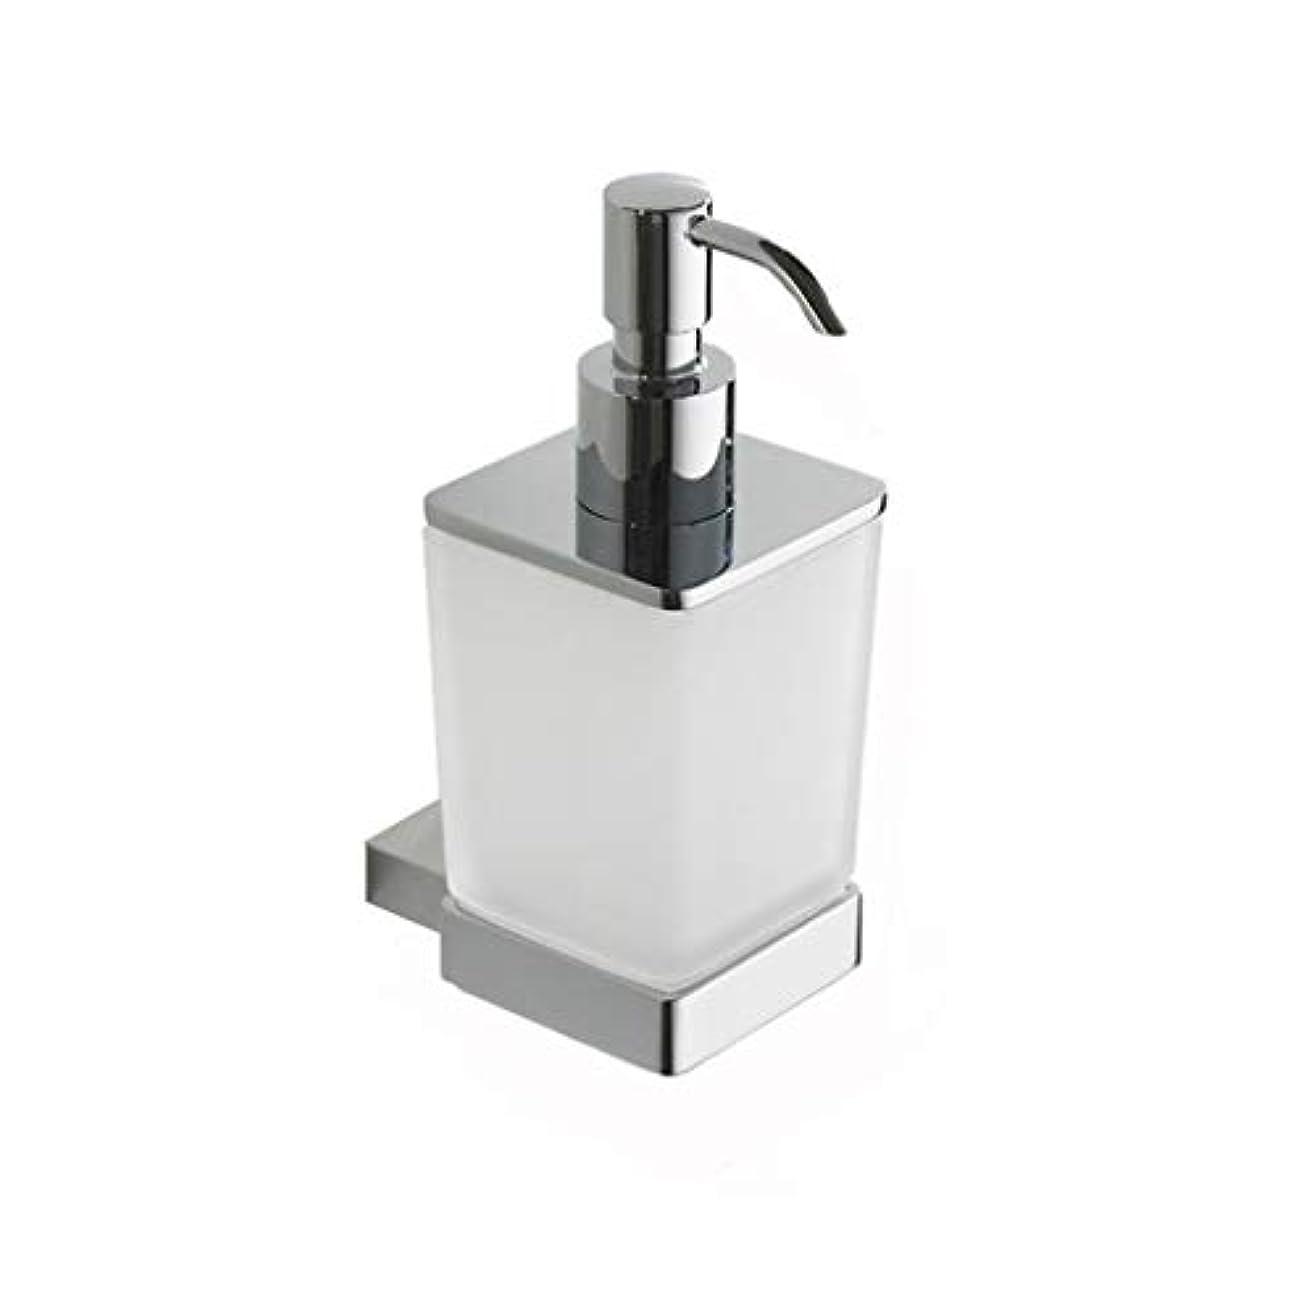 永遠の啓示報酬のKylinssh 、浴室のための金属の詰め替え式液体手の石鹸ディスペンサーポンプボトル - 安い、ディスカウント価格また手の消毒剤及び精油のために使用することができます